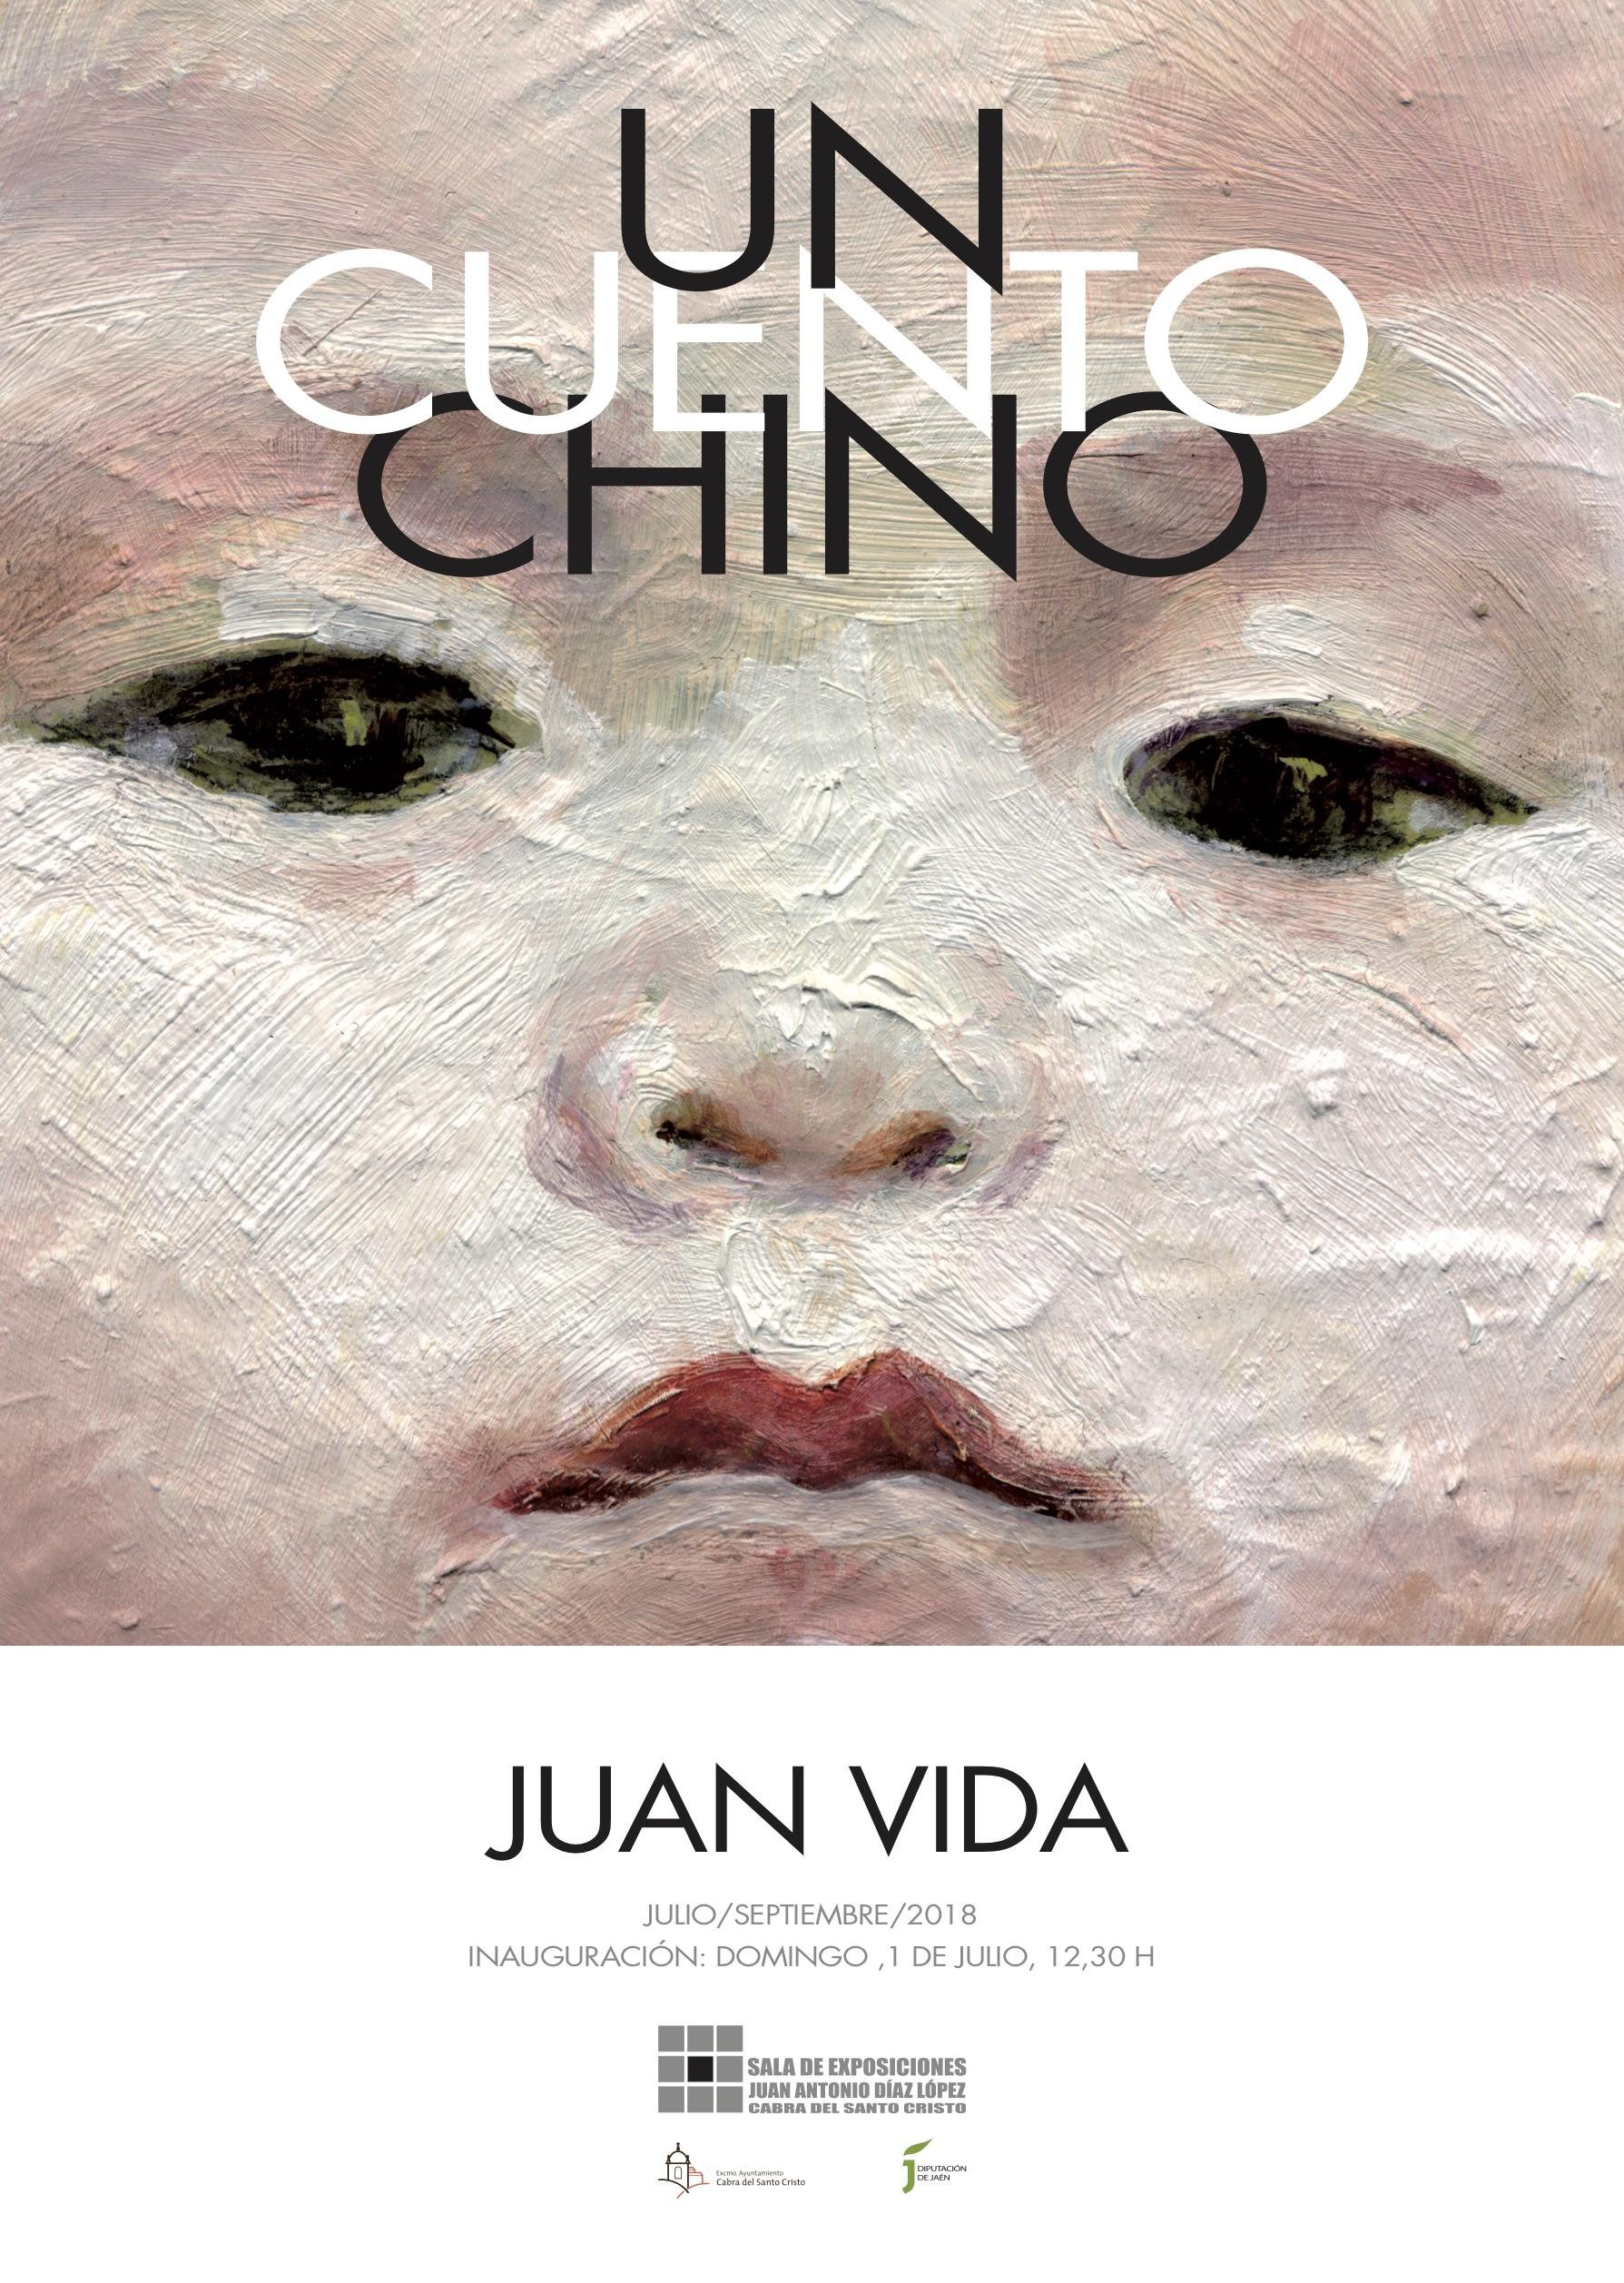 UN CUENTO CHINO Juan Vida